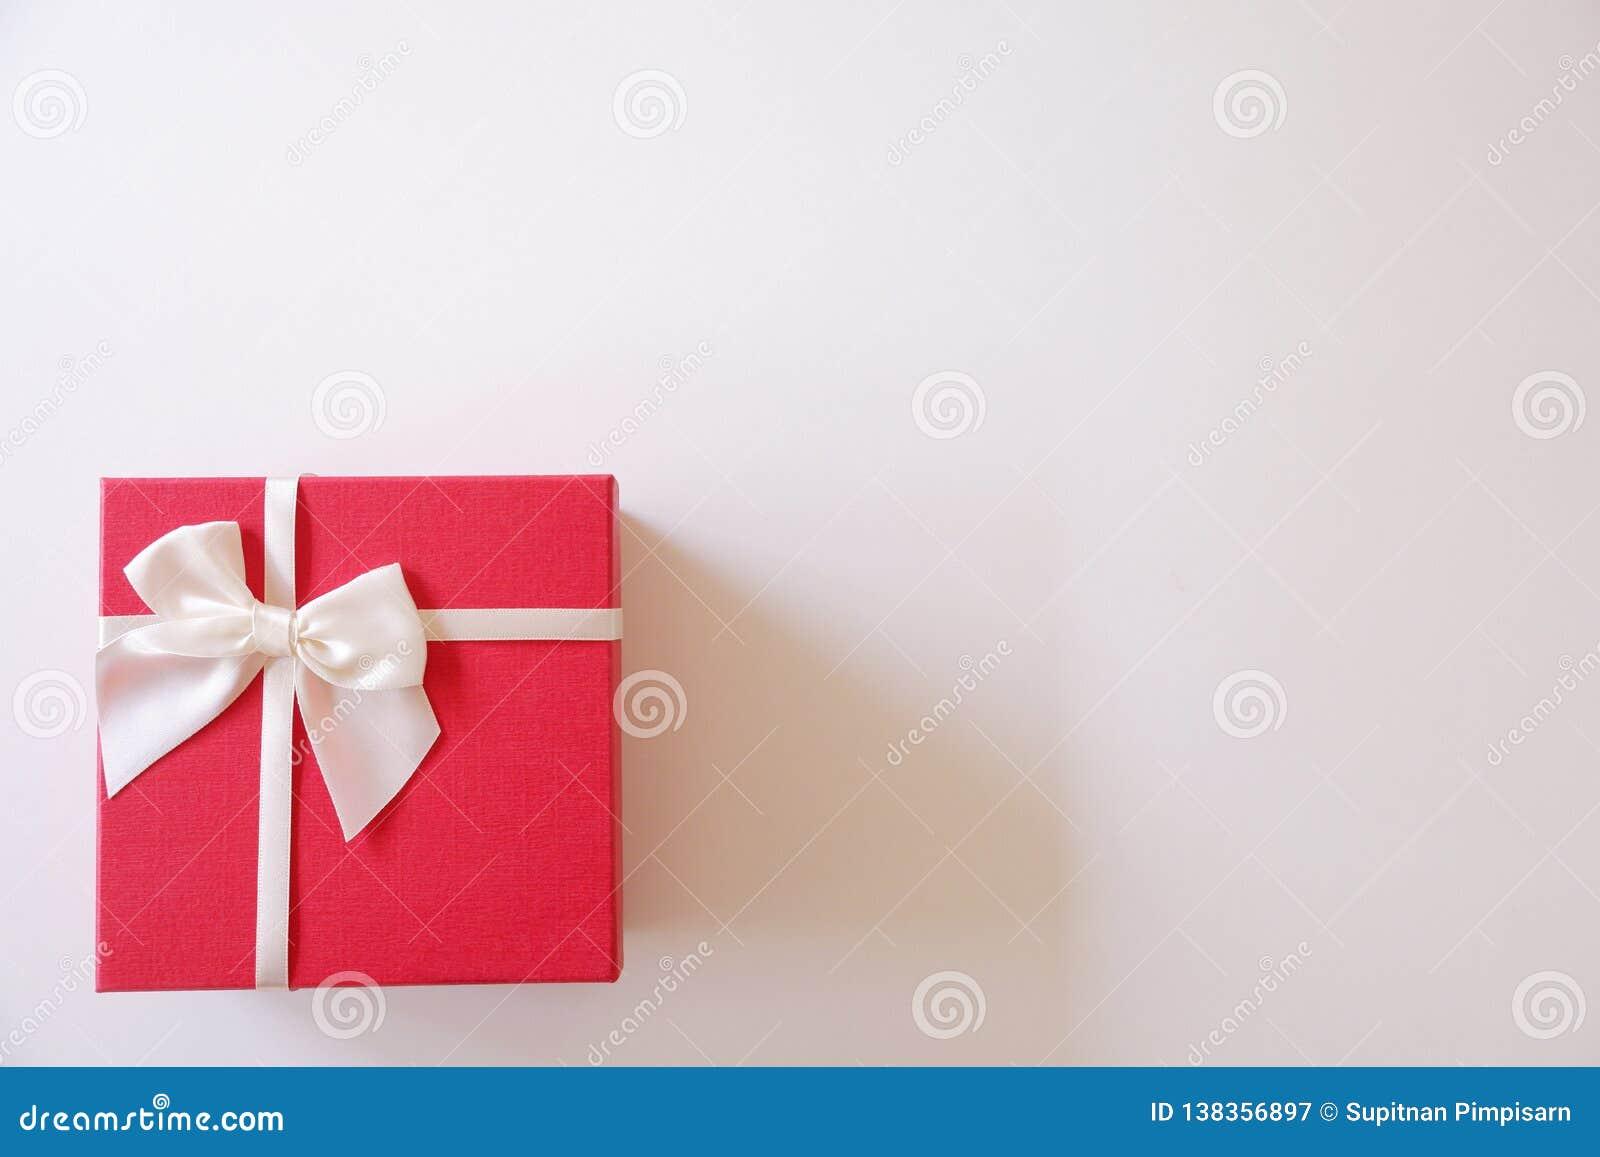 Rote Geschenkbox der Nahaufnahme mit weißem Band auf weißem Hintergrund